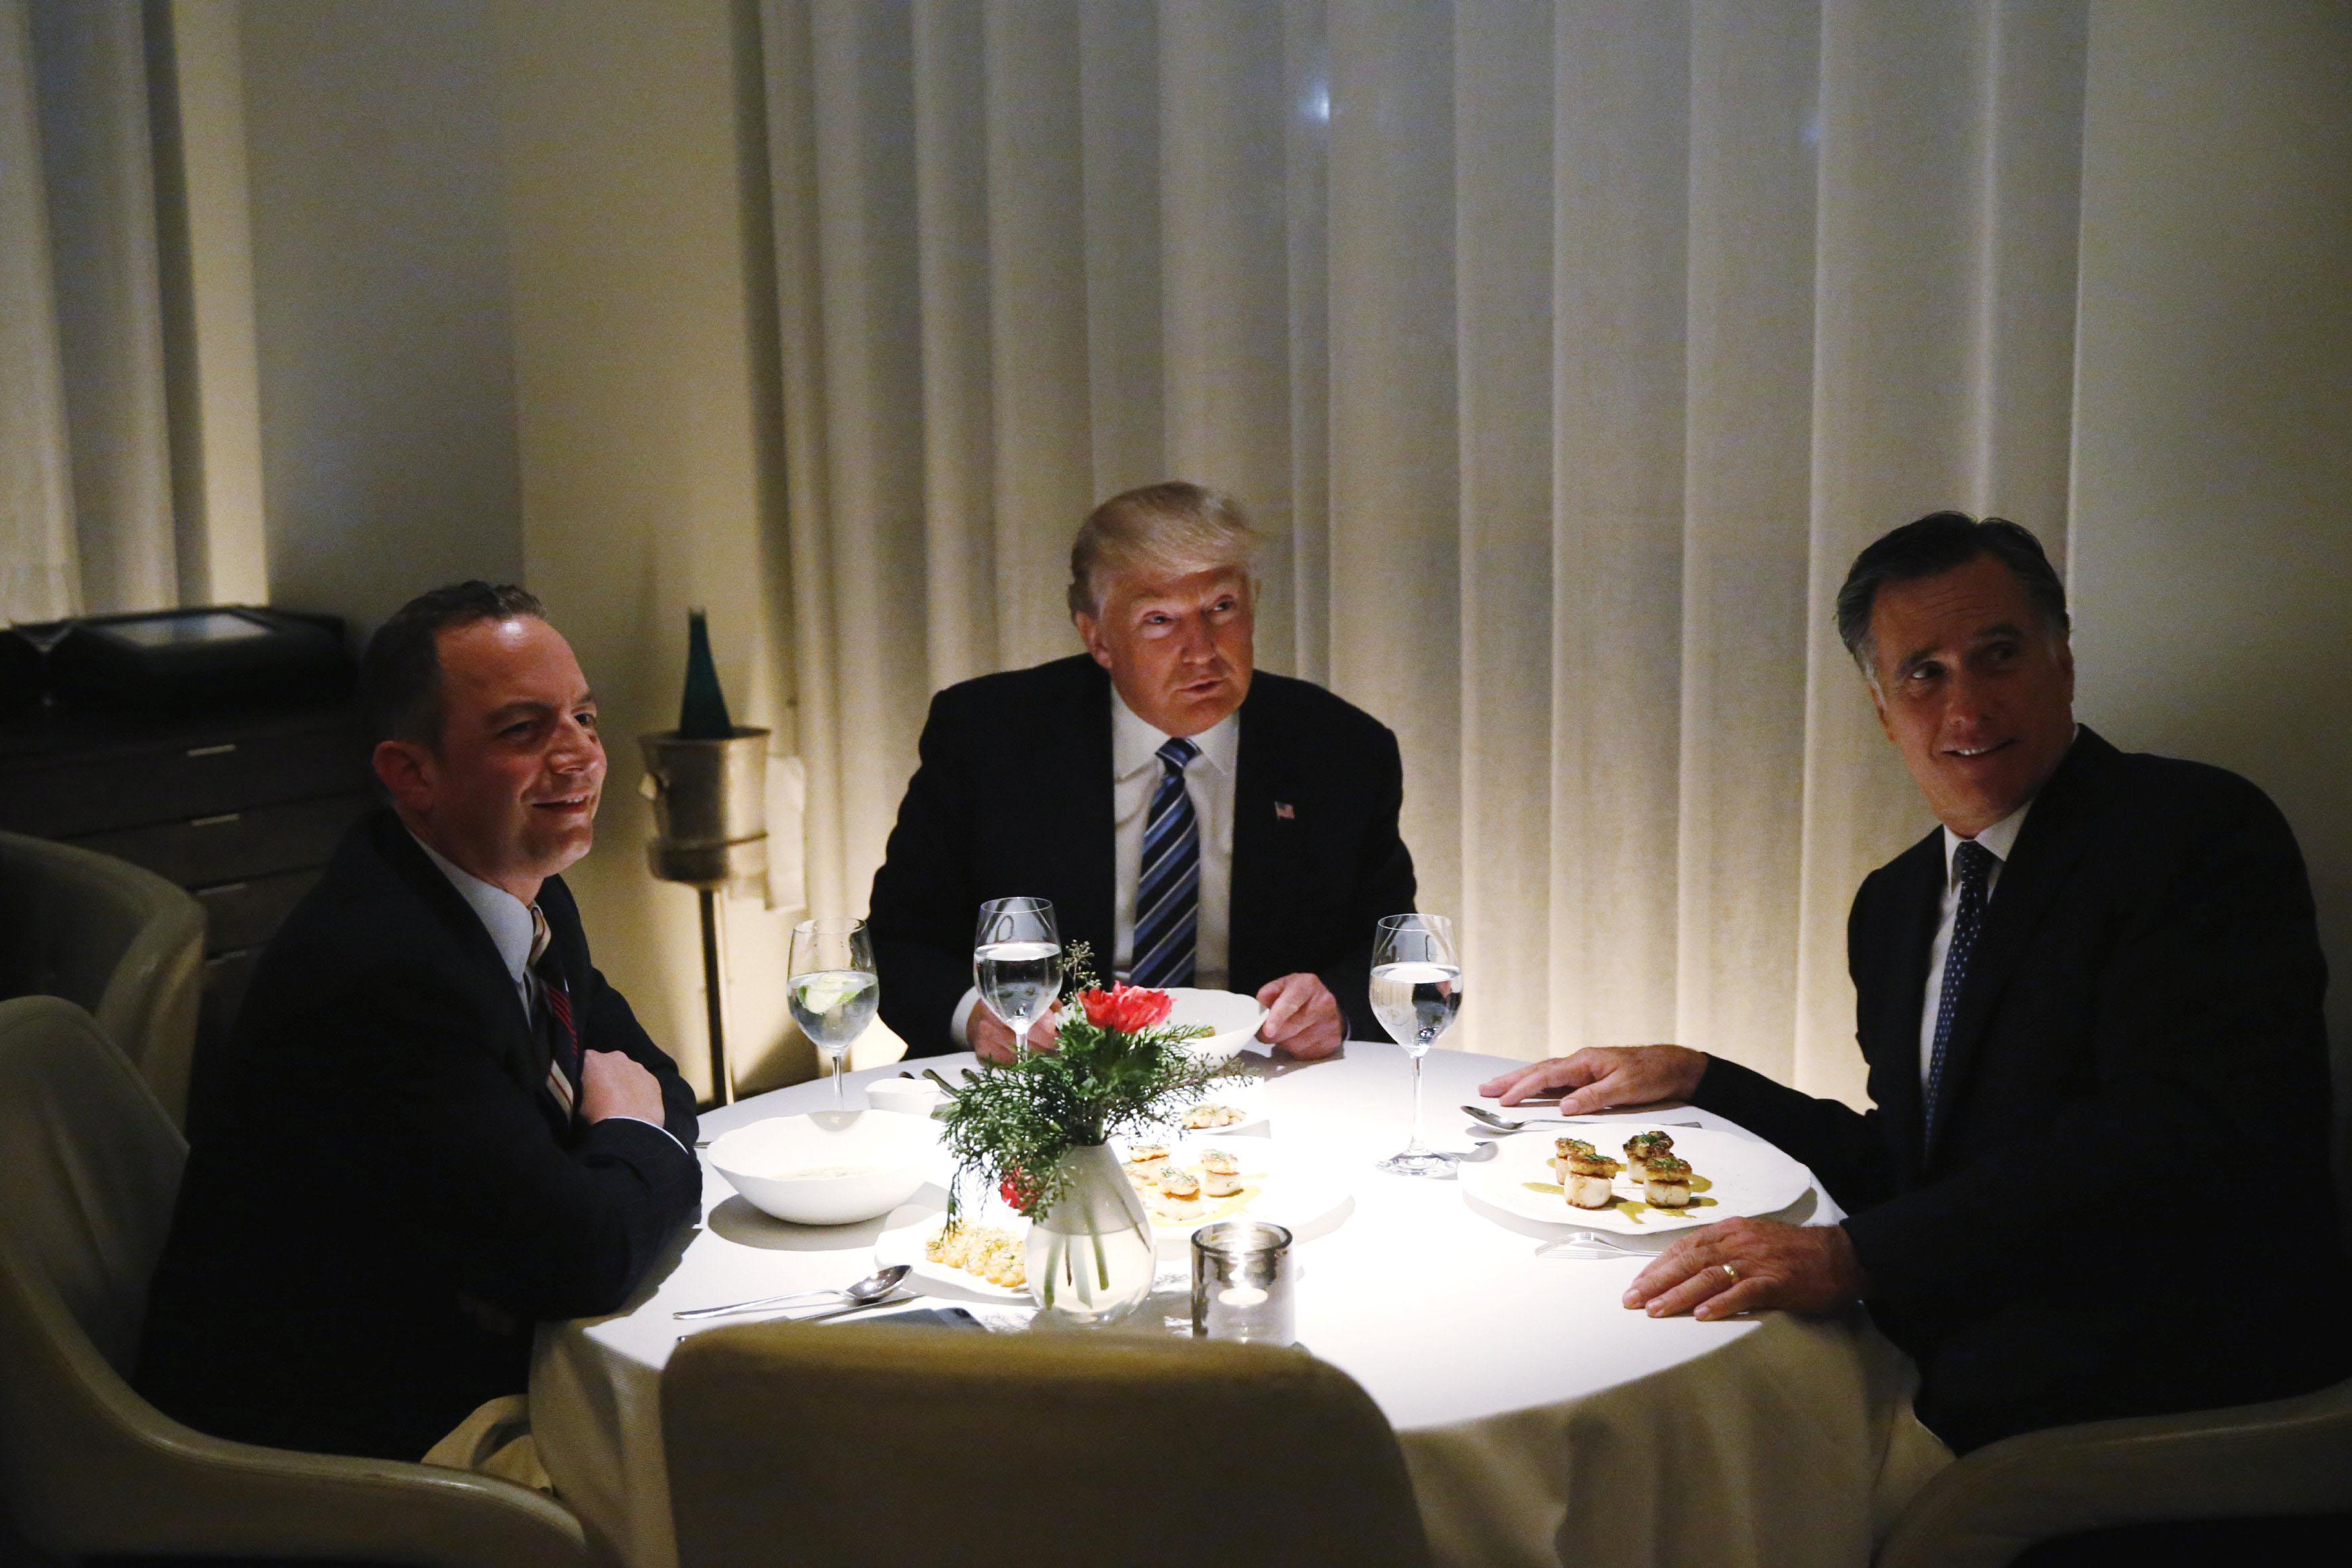 See Romney jump through Trump's hoops